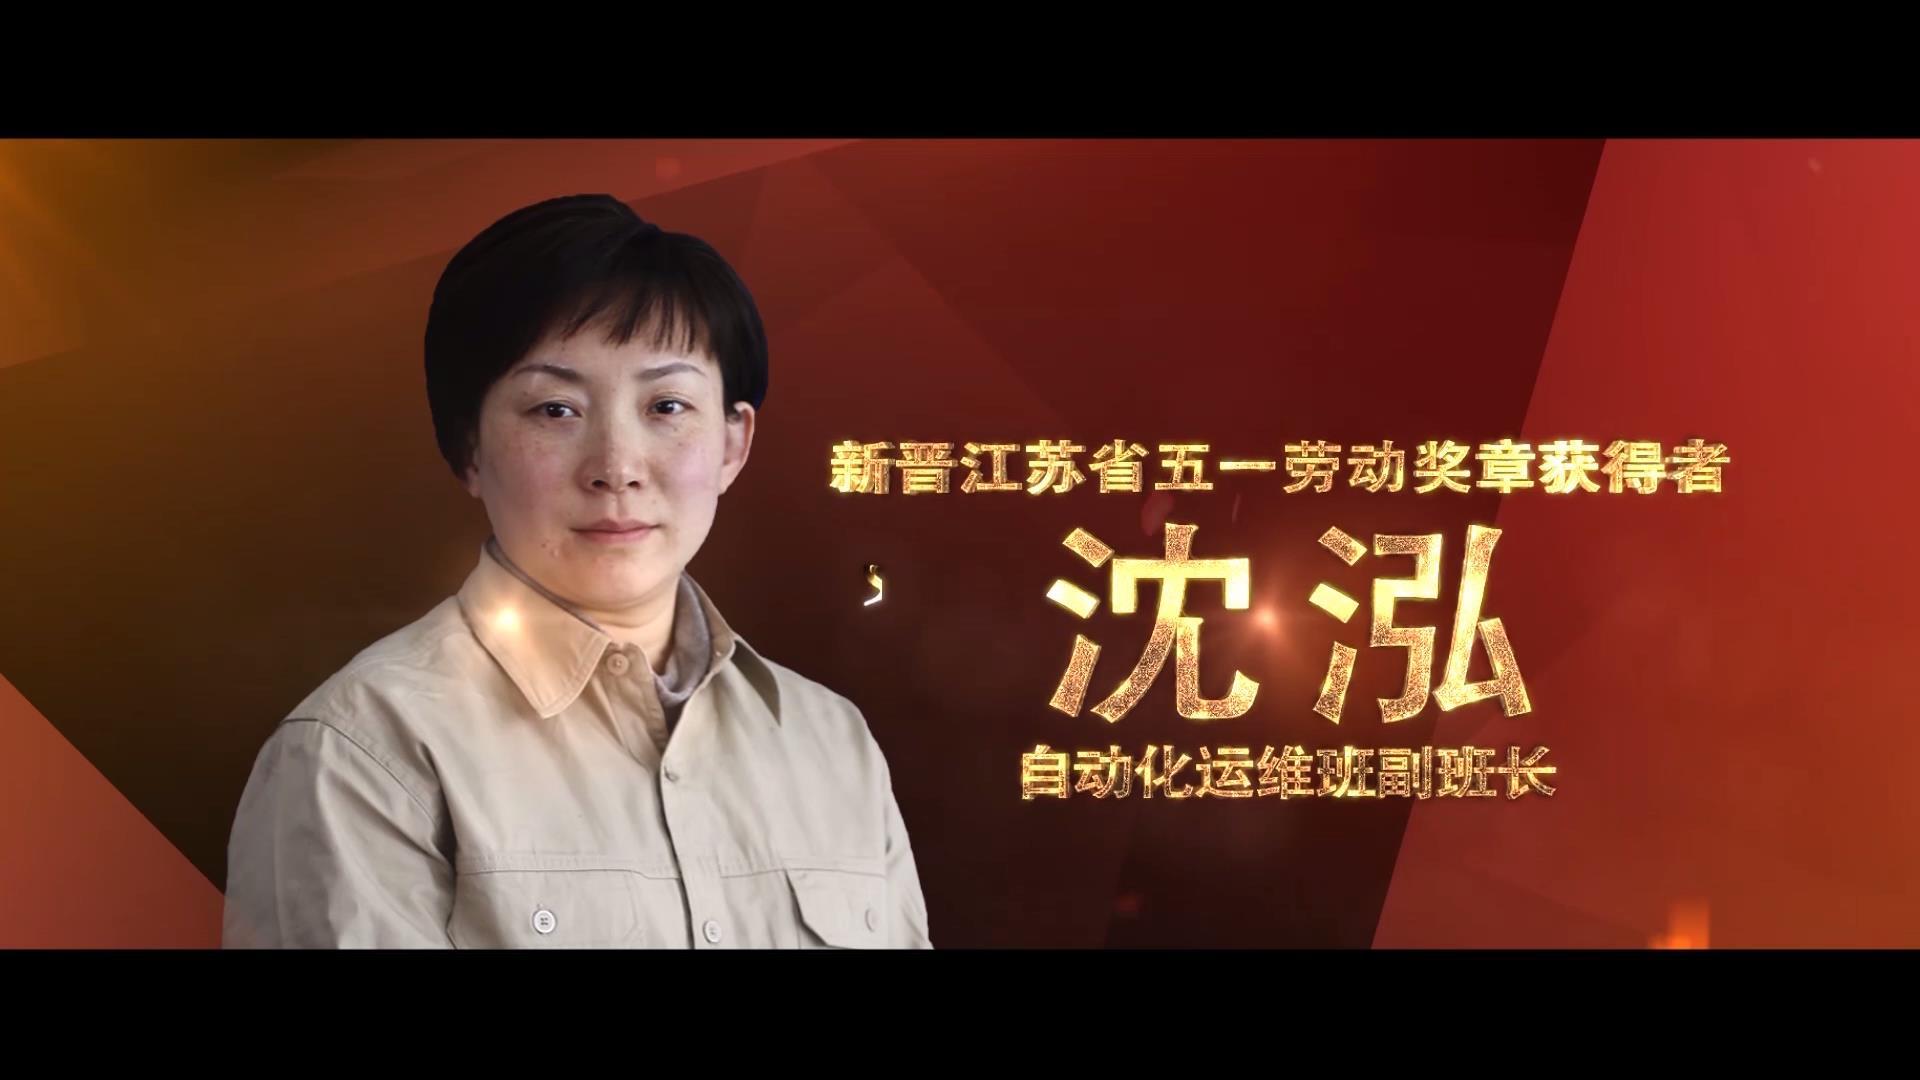 常州好人中國視頻7月[00_00_10][20190715-101206].jpg